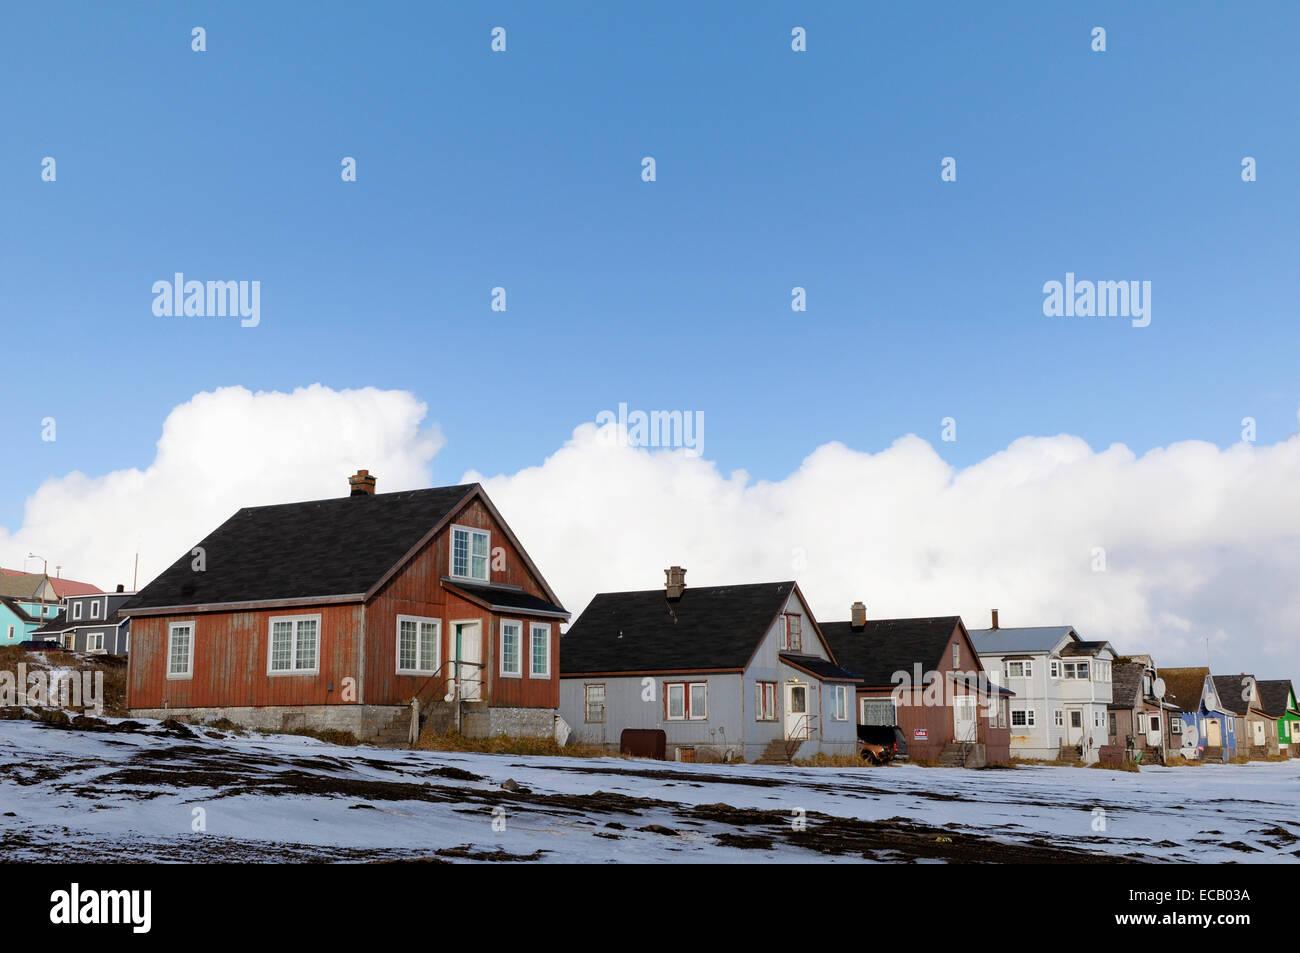 Häuser im abgelegenen Lager Meer Dorf von St. Paul Island, Alaska. Etwa 500 Menschen leben in der größten Stockbild